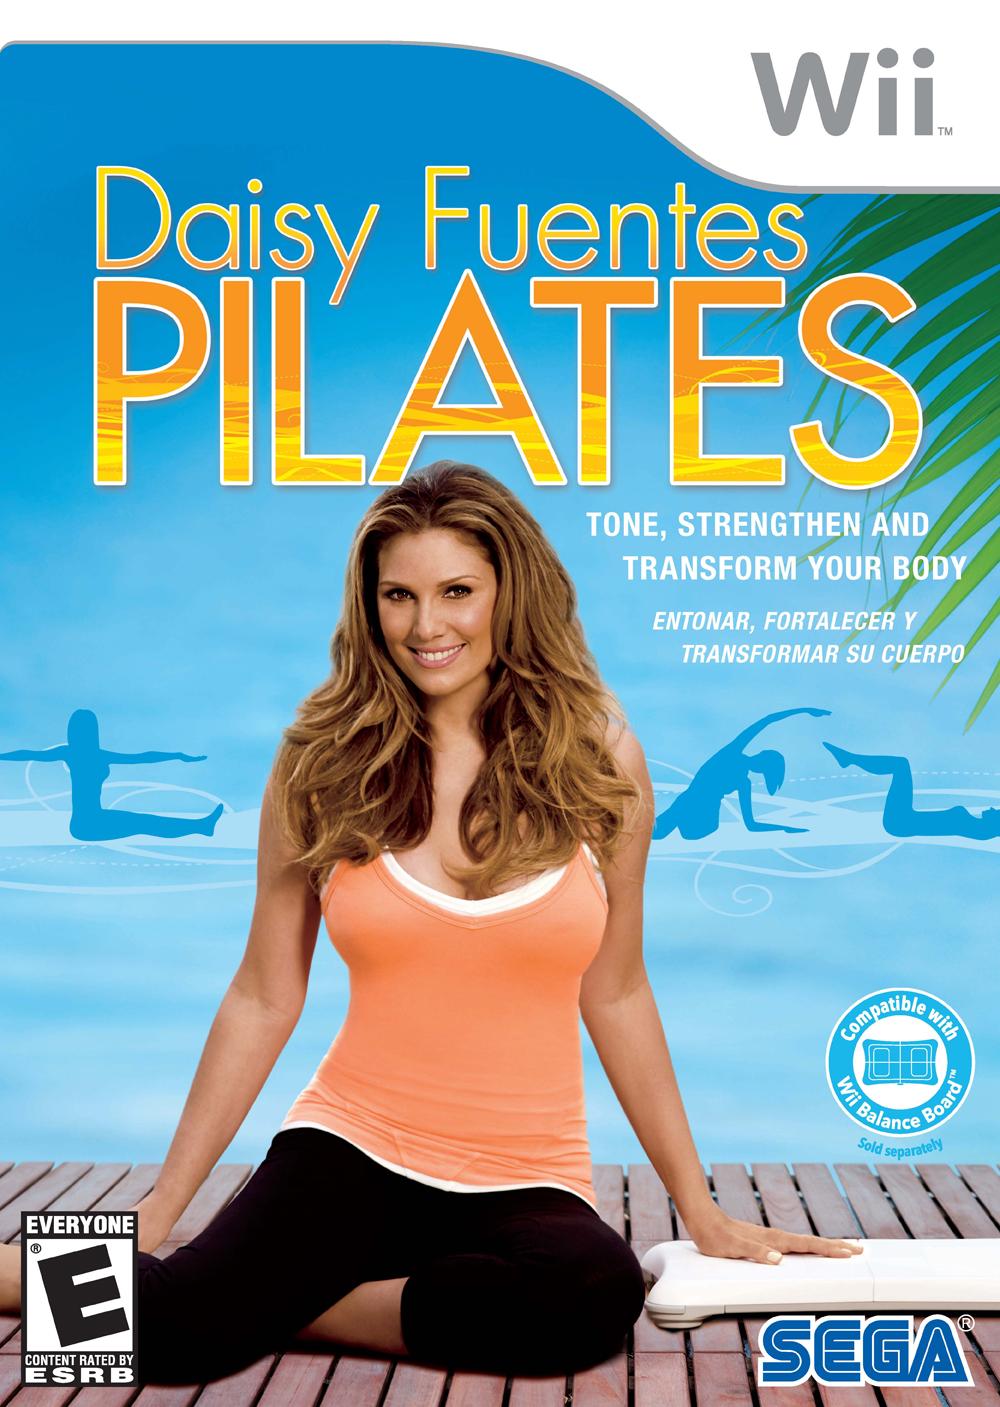 Daisy Fuentes Pilates